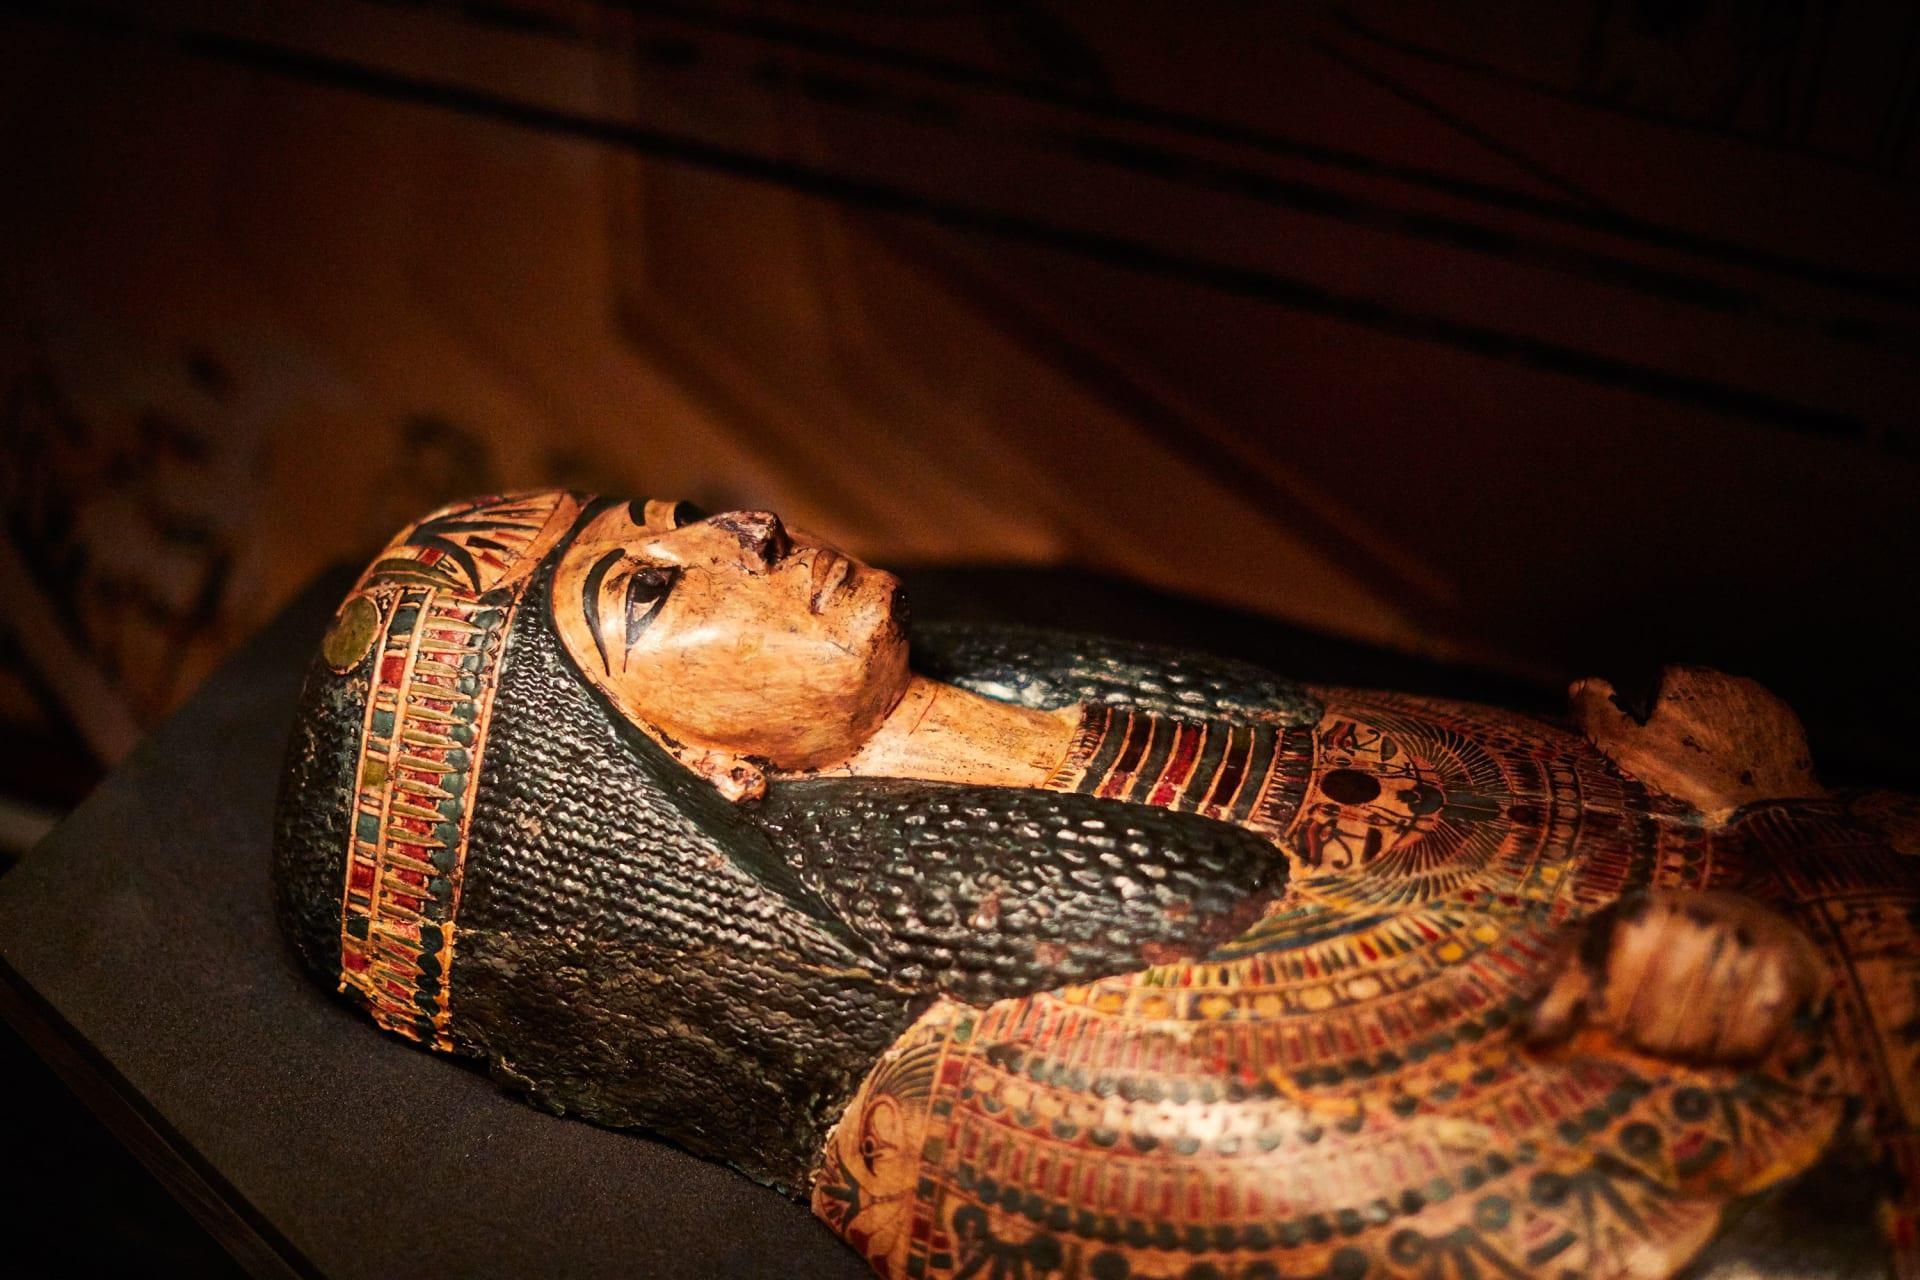 استمع لصوت مومياء مصرية عمرها 3 آلاف عام.. كيف نجح علماء بإعادة إنتاجه؟